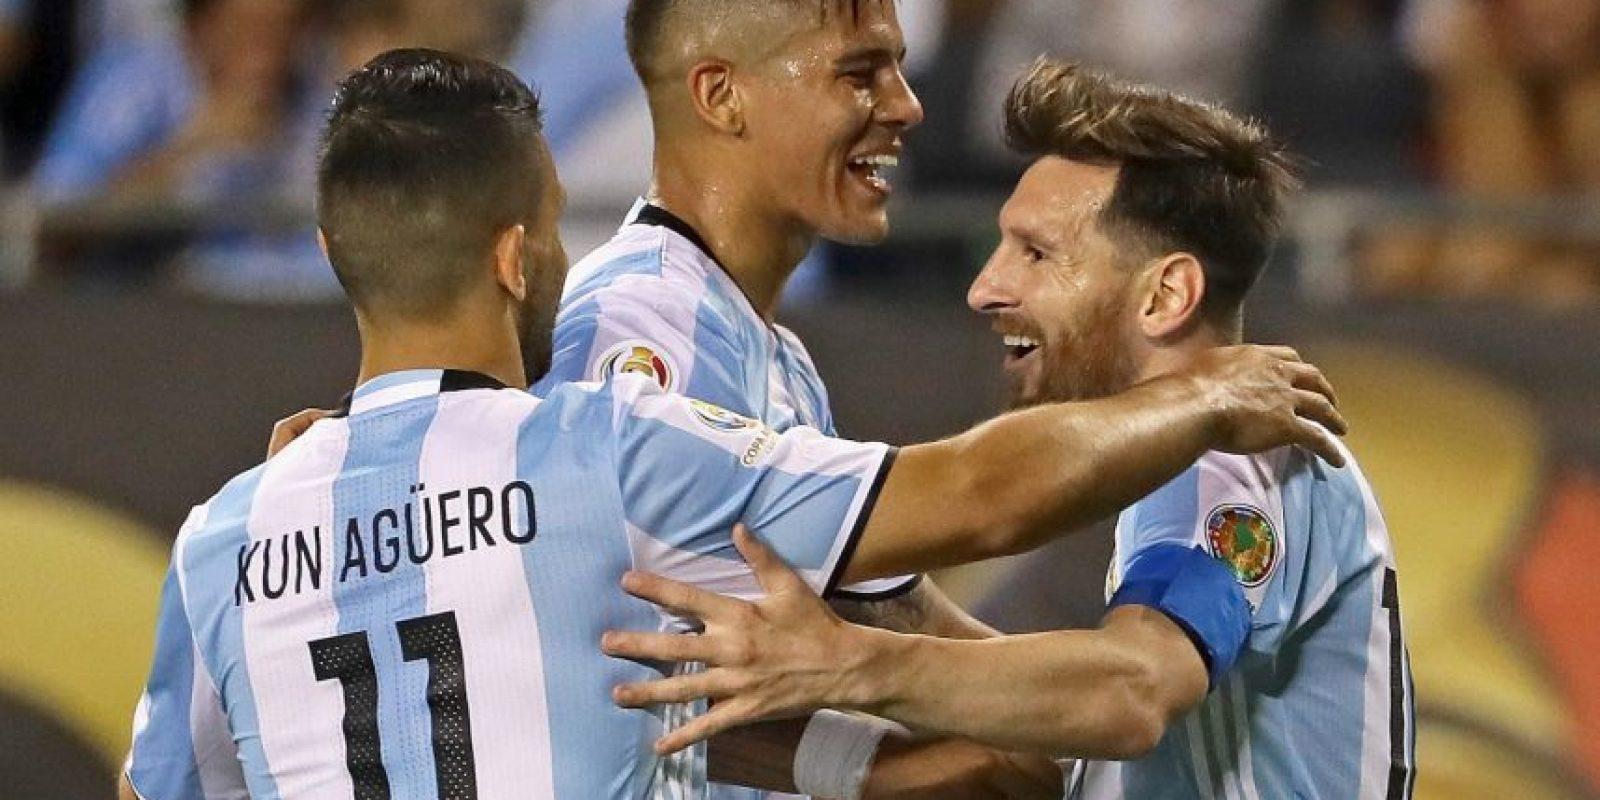 Argentina llega invicta a la última fecha del Grupo D. Luego de vencer a Chile y Panamá, los trasandinos salen a defender el liderato del Grupo ante Bolivia Foto:Getty Images